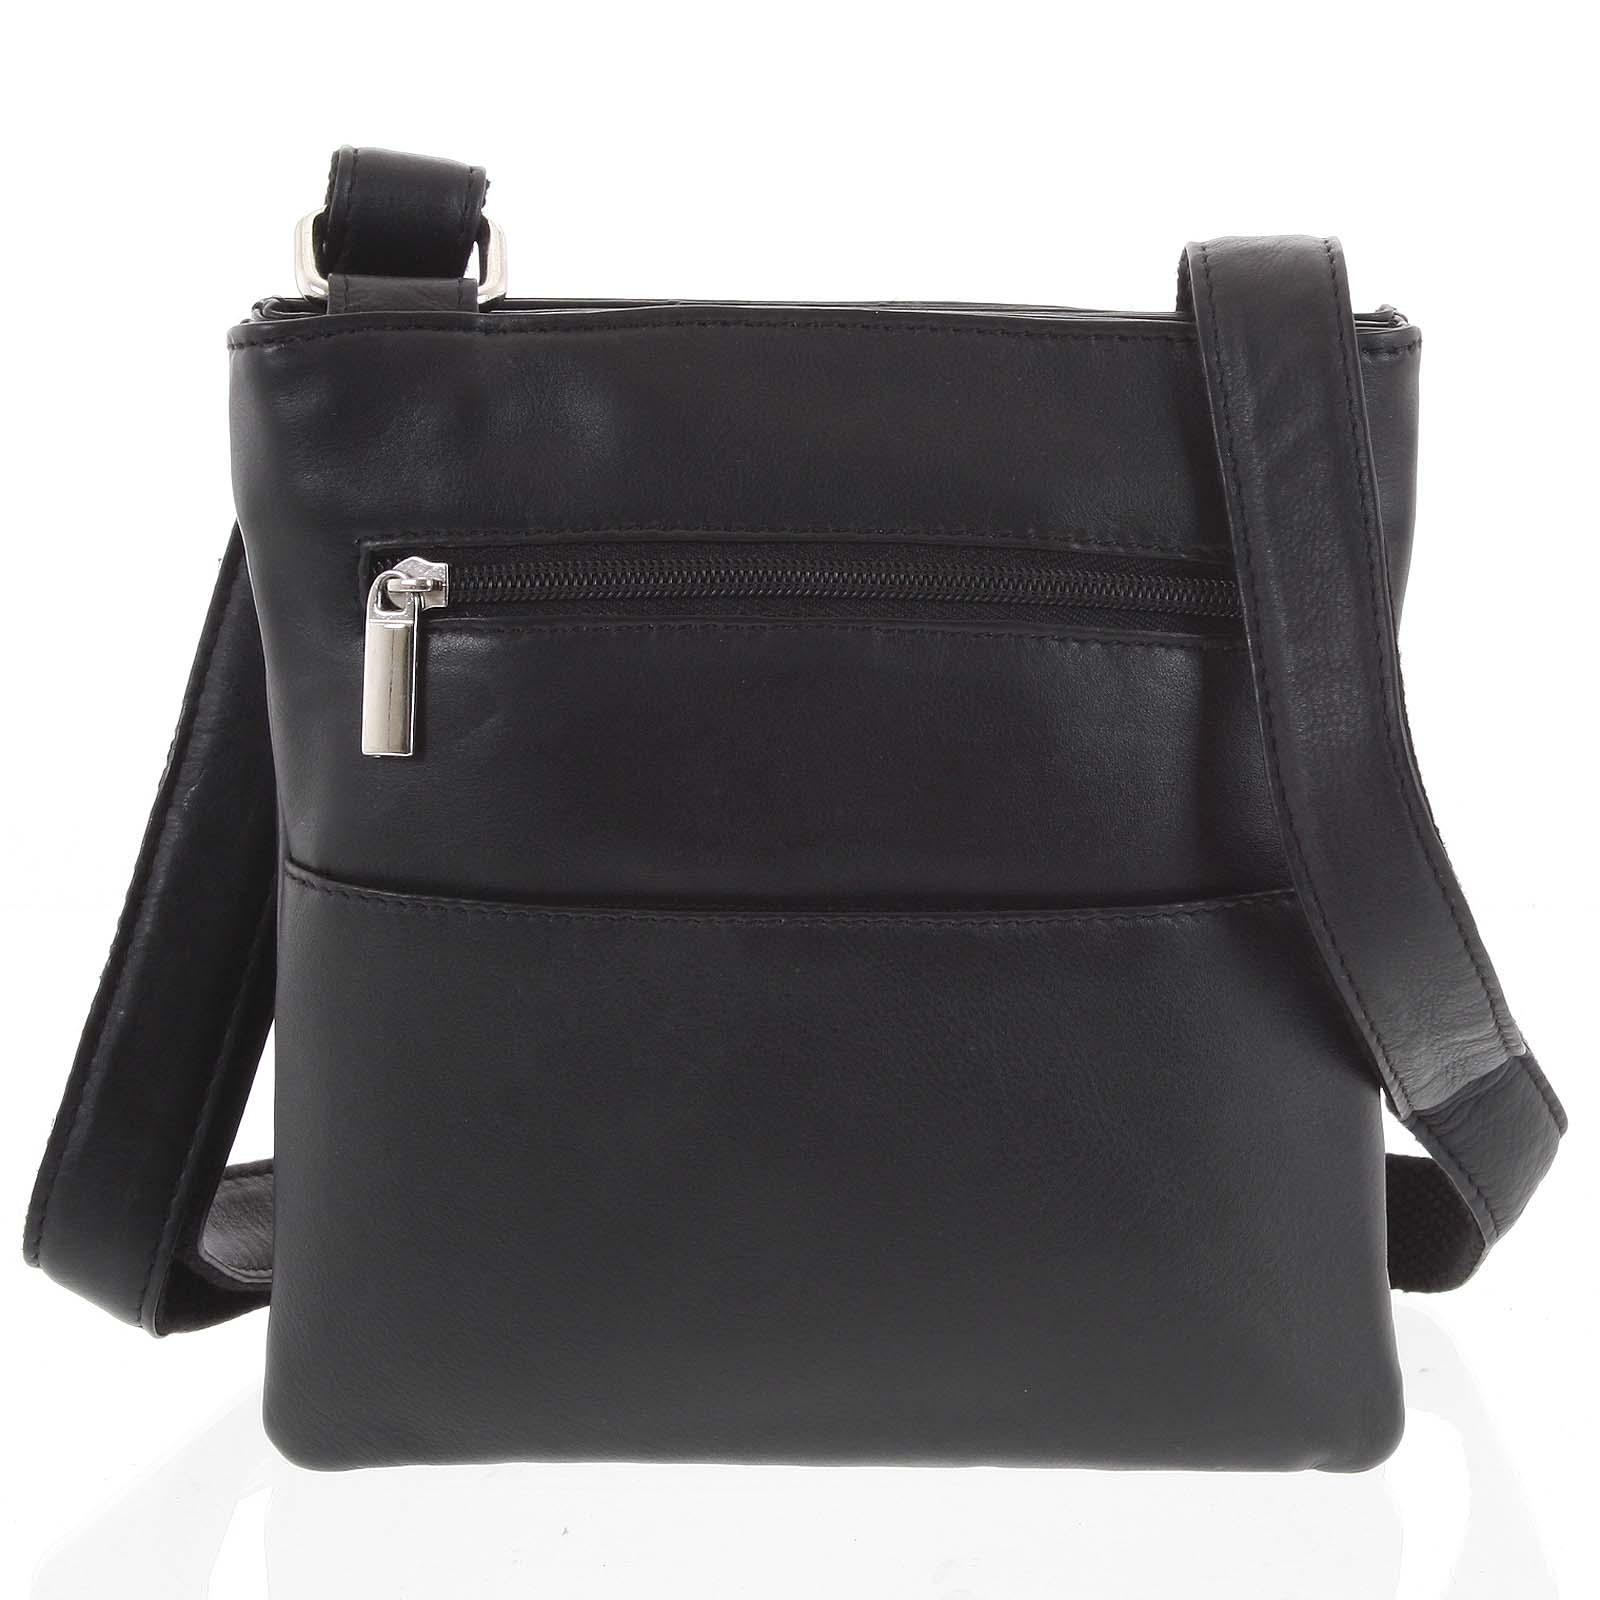 Pánská kožená taška na doklady černá - WILD Isidro